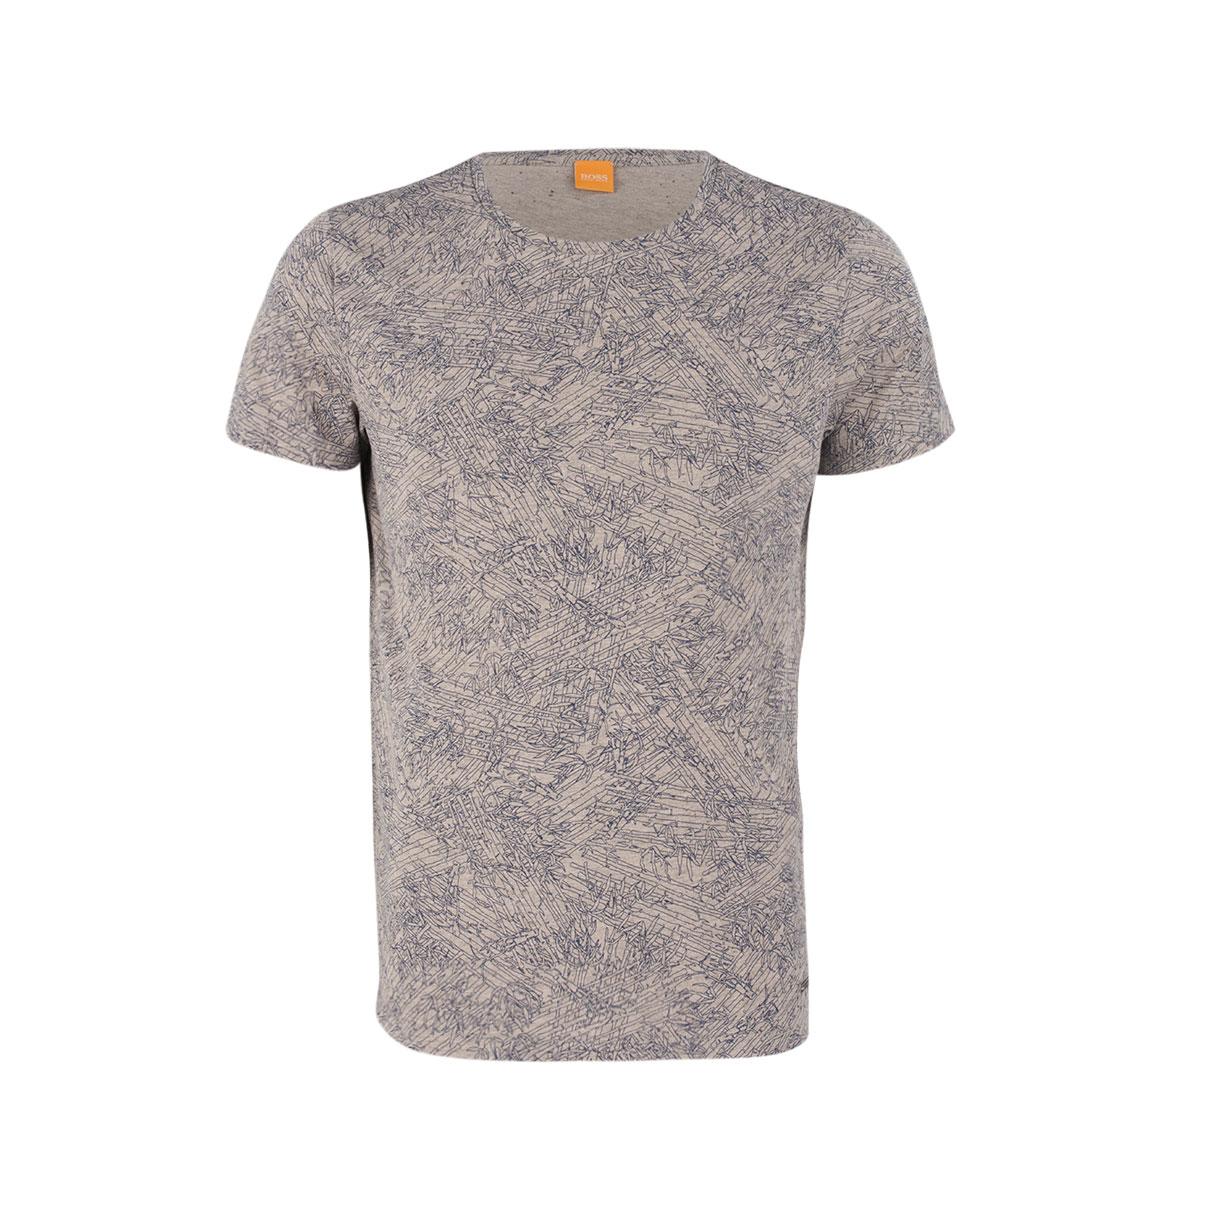 T-Shirt - Tauryon - Regular Fit